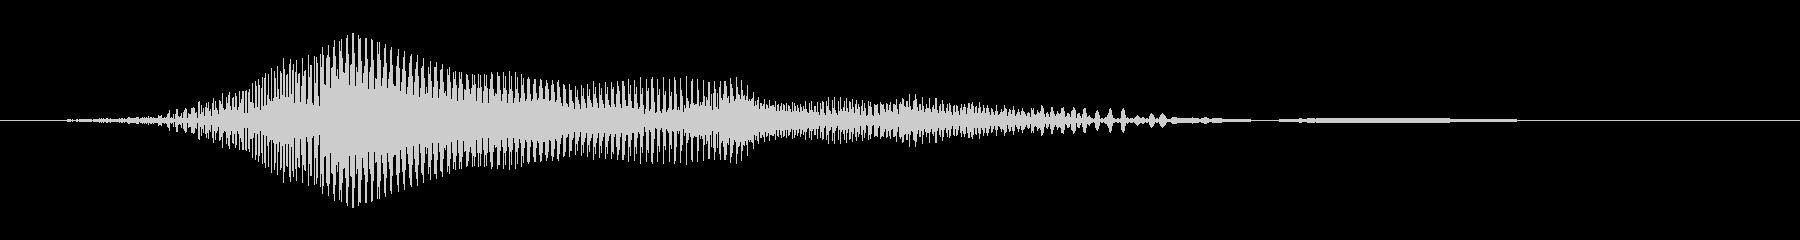 「はい!」1の未再生の波形